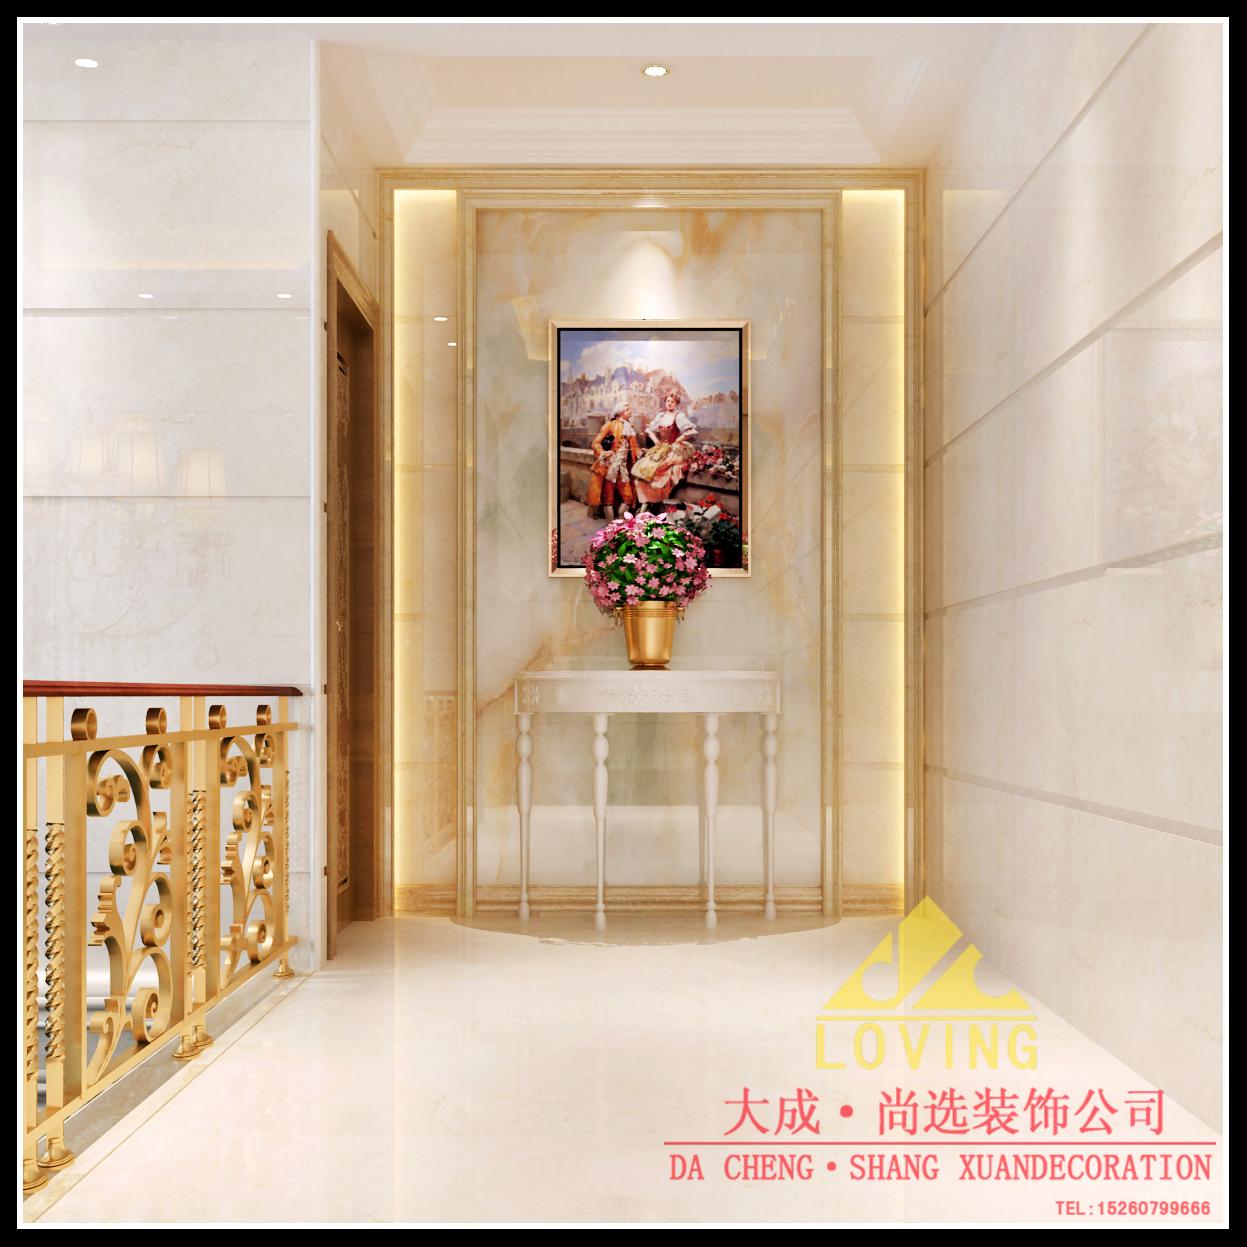 """上海大成·尚选装饰        """"流火七月 夏降到底 """" 您放假我放价"""